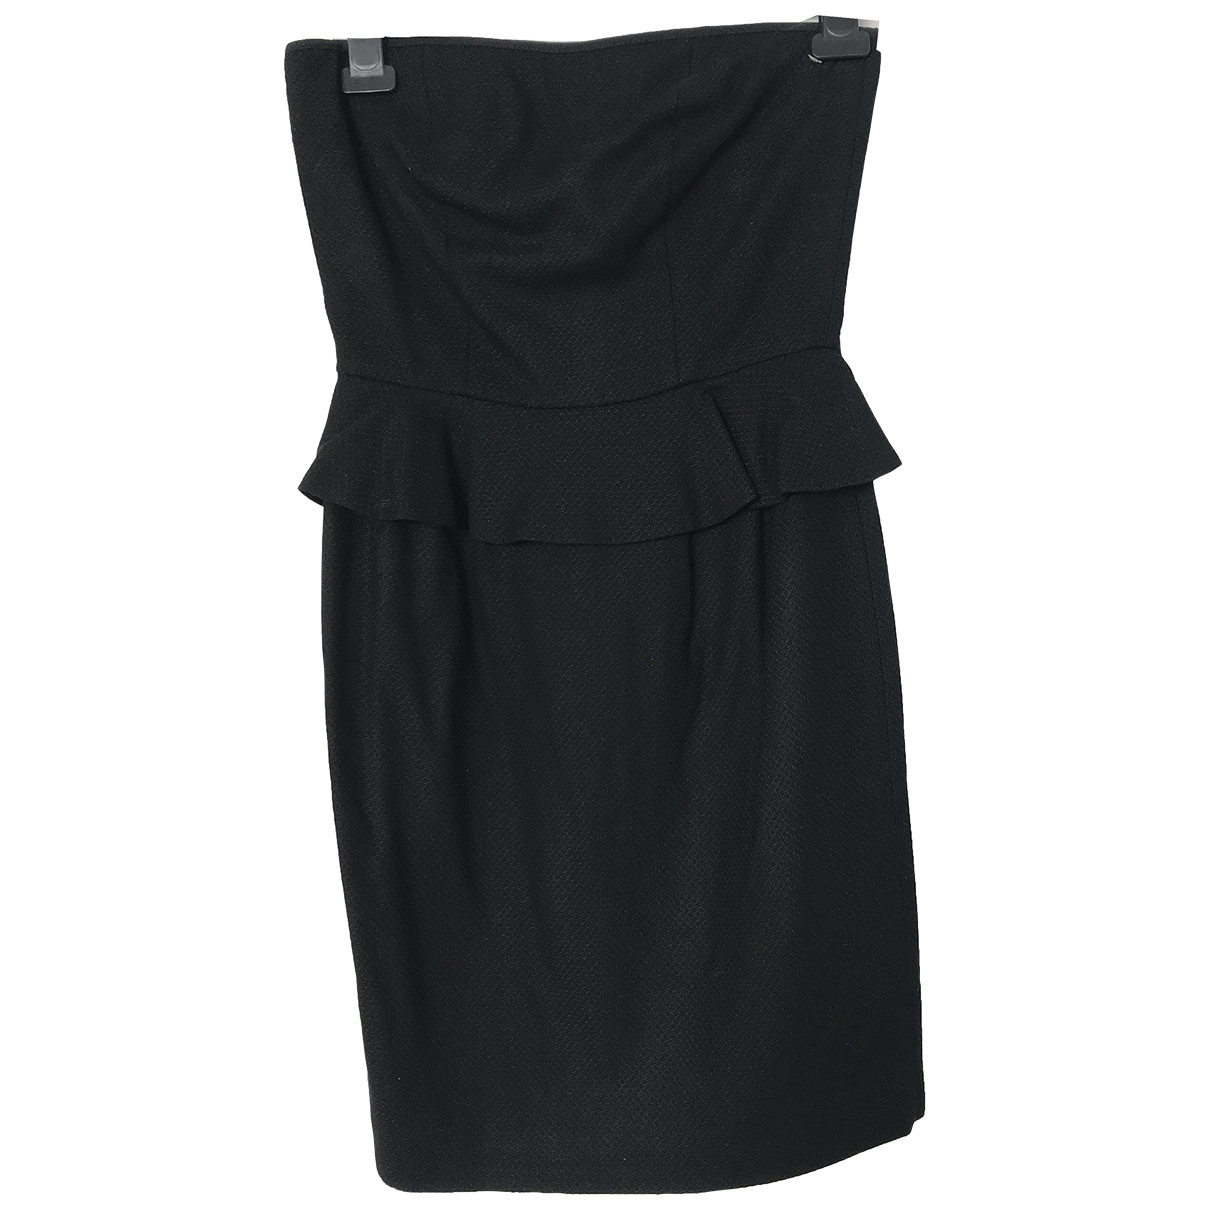 Pablo \N Black dress for Women 36 FR